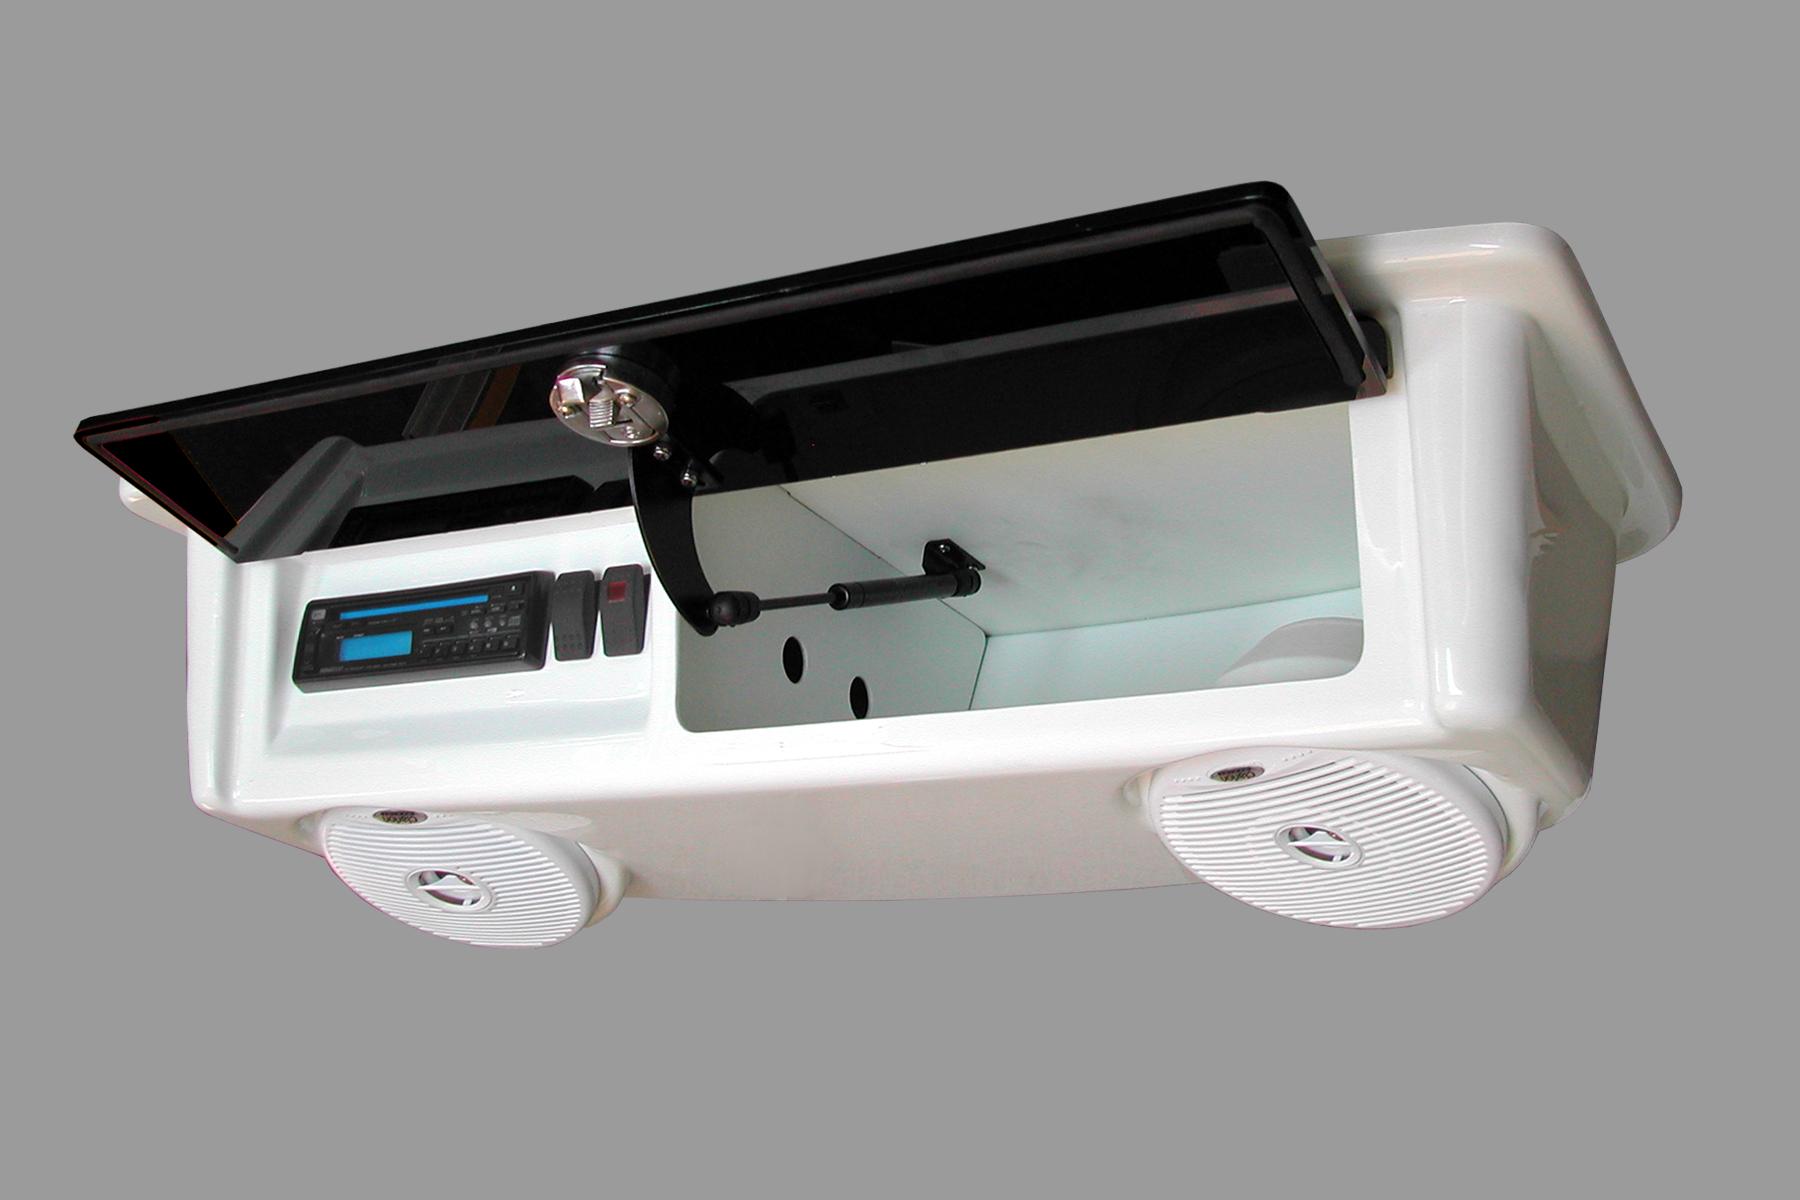 T Top Fiberglass Marine Boat Electronics Box Enclosure